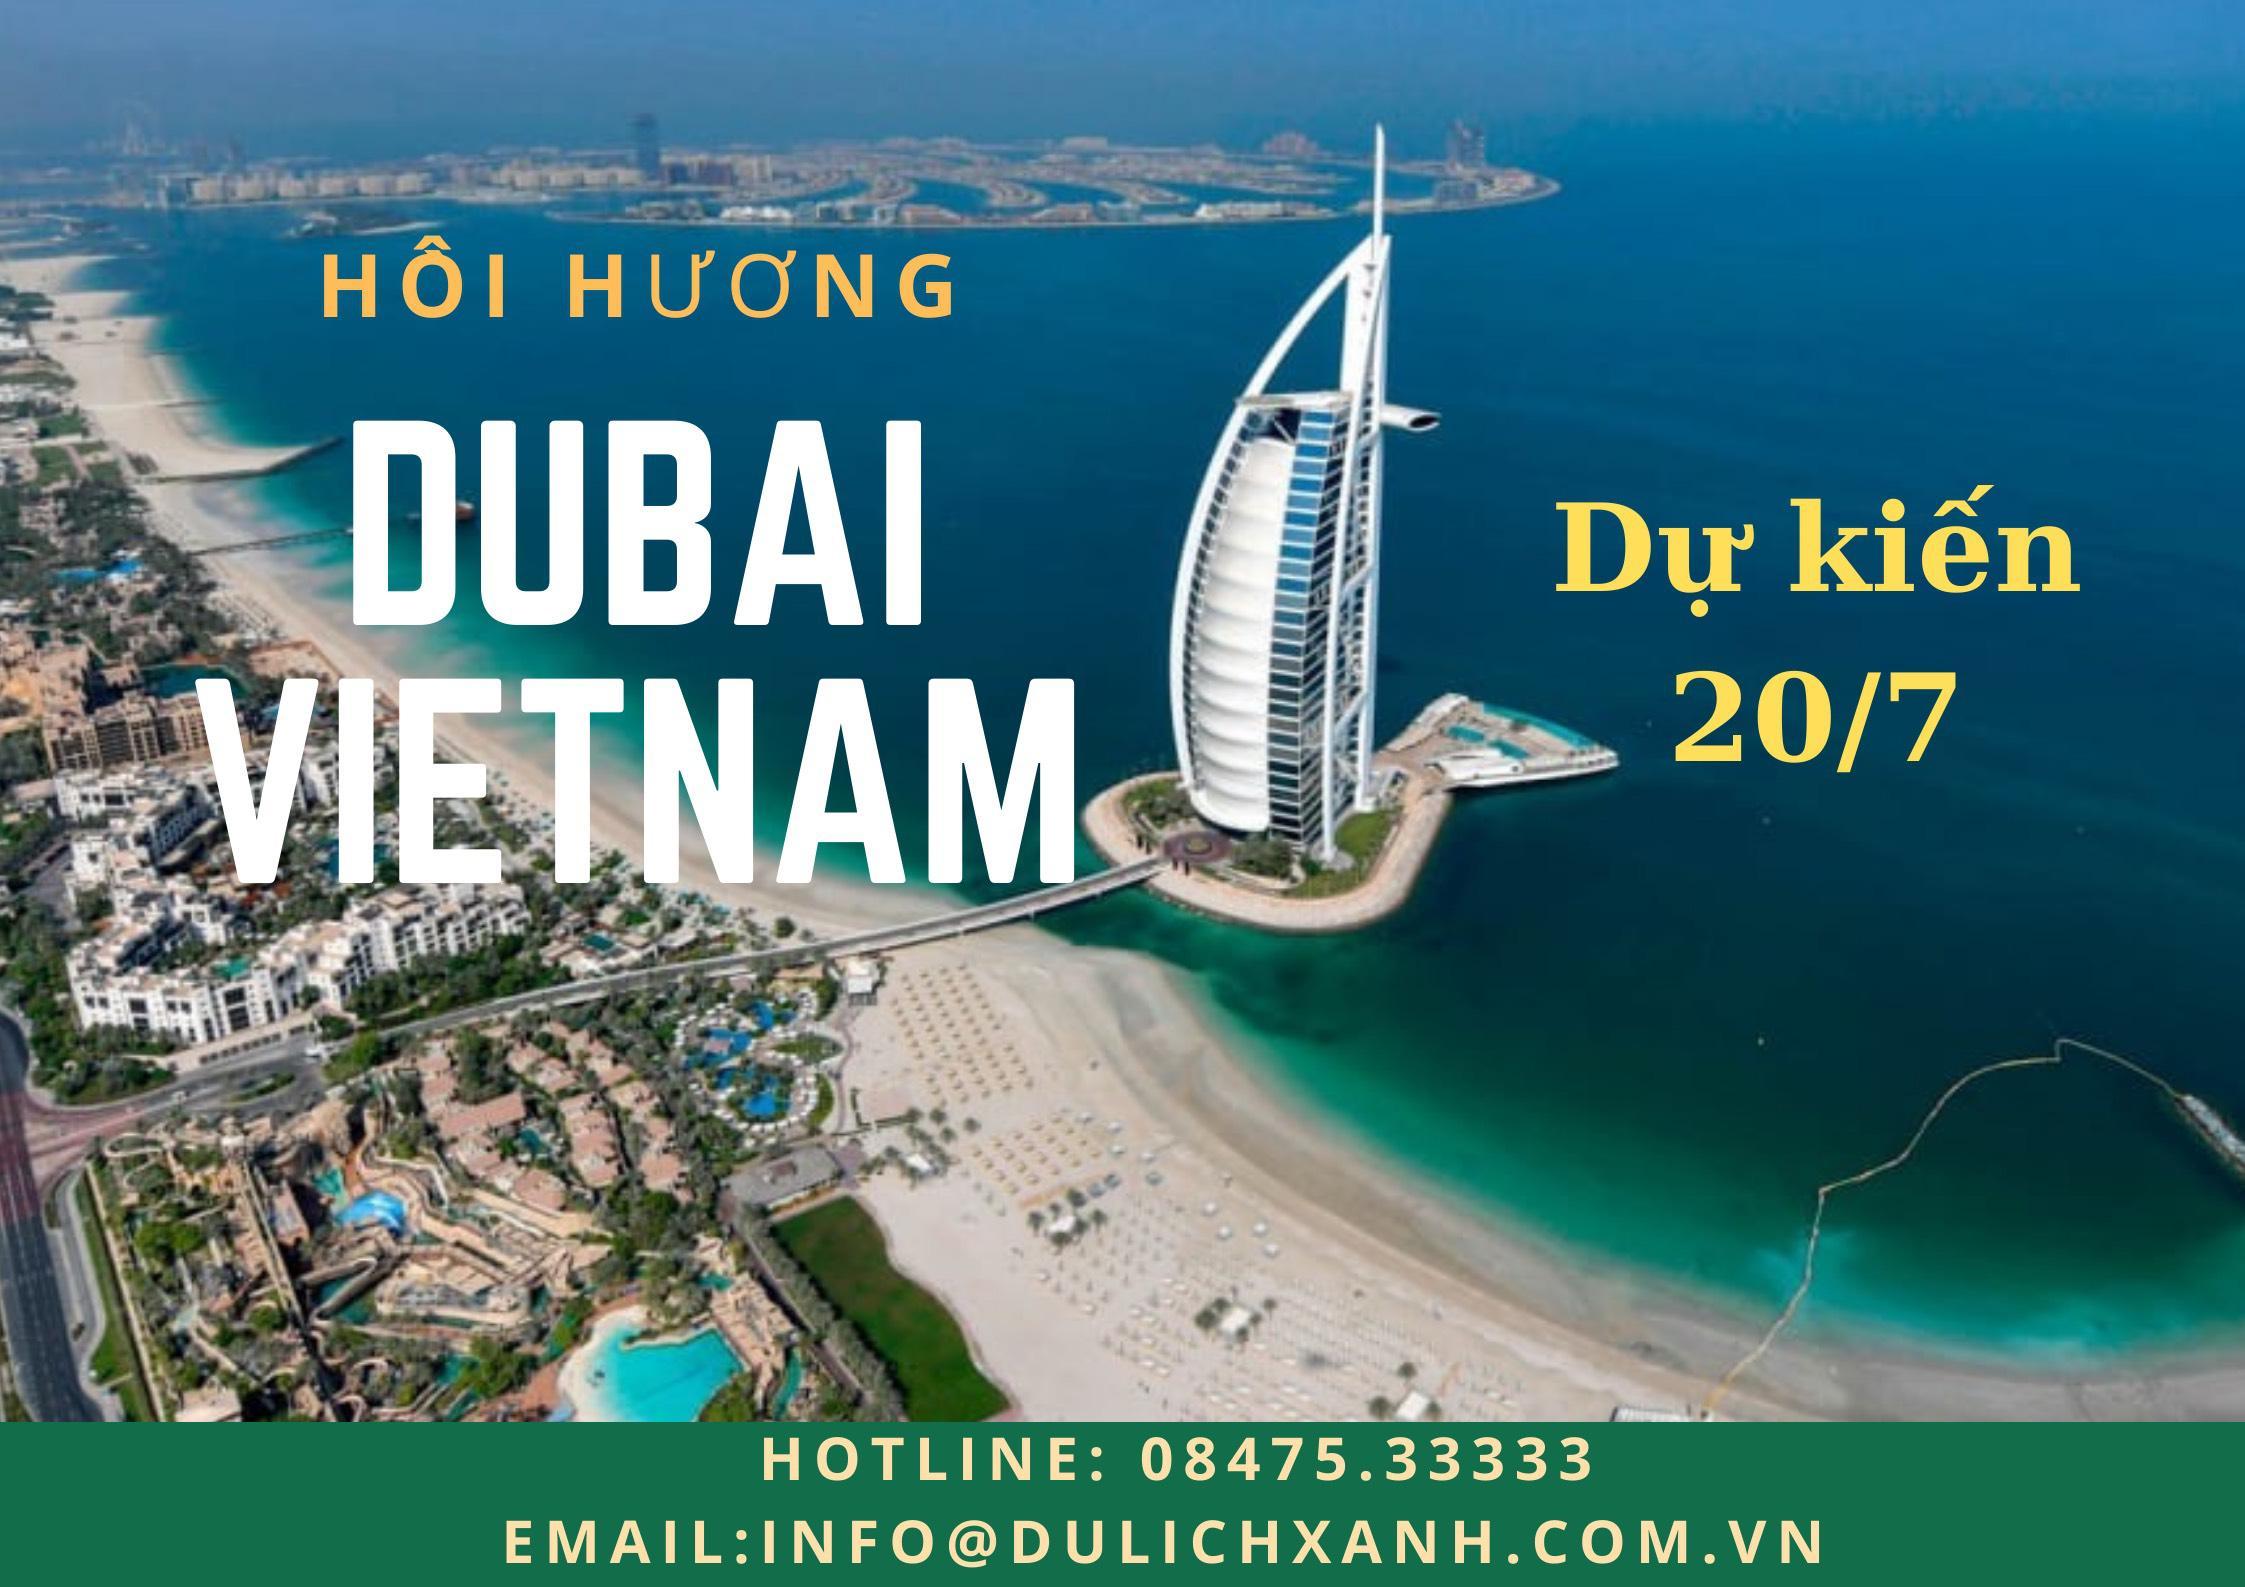 Chuyến bay đón người Việt từ Dubai về Việt Nam ngày 20/7